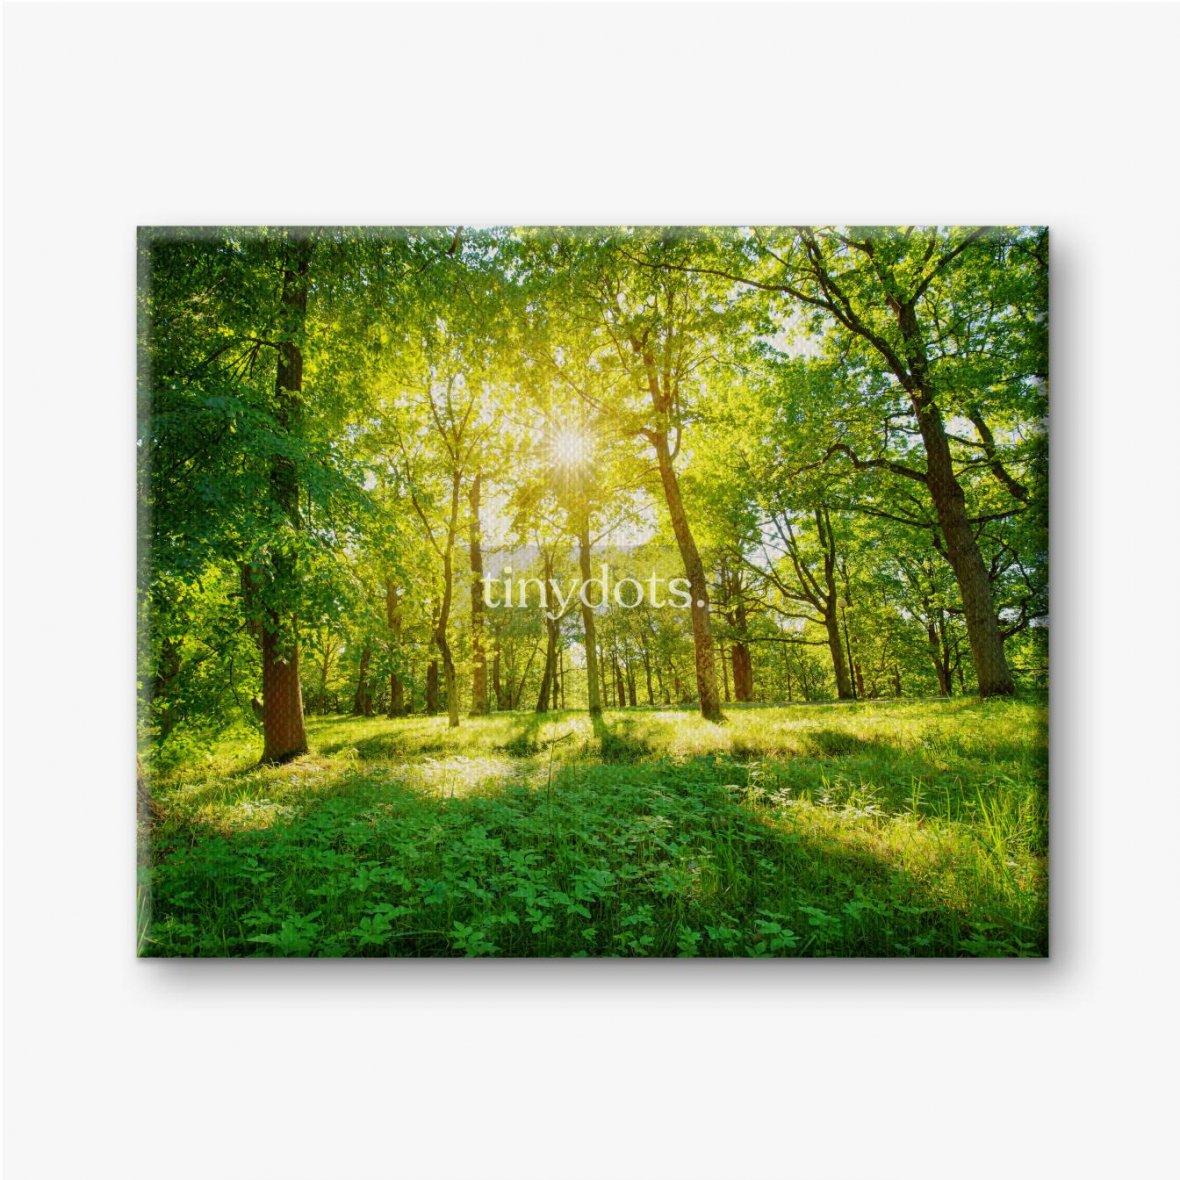 Leinwandbilder Altes Eichenlaub im Morgenlicht mit Sonnenlicht. Waldlandschaft.